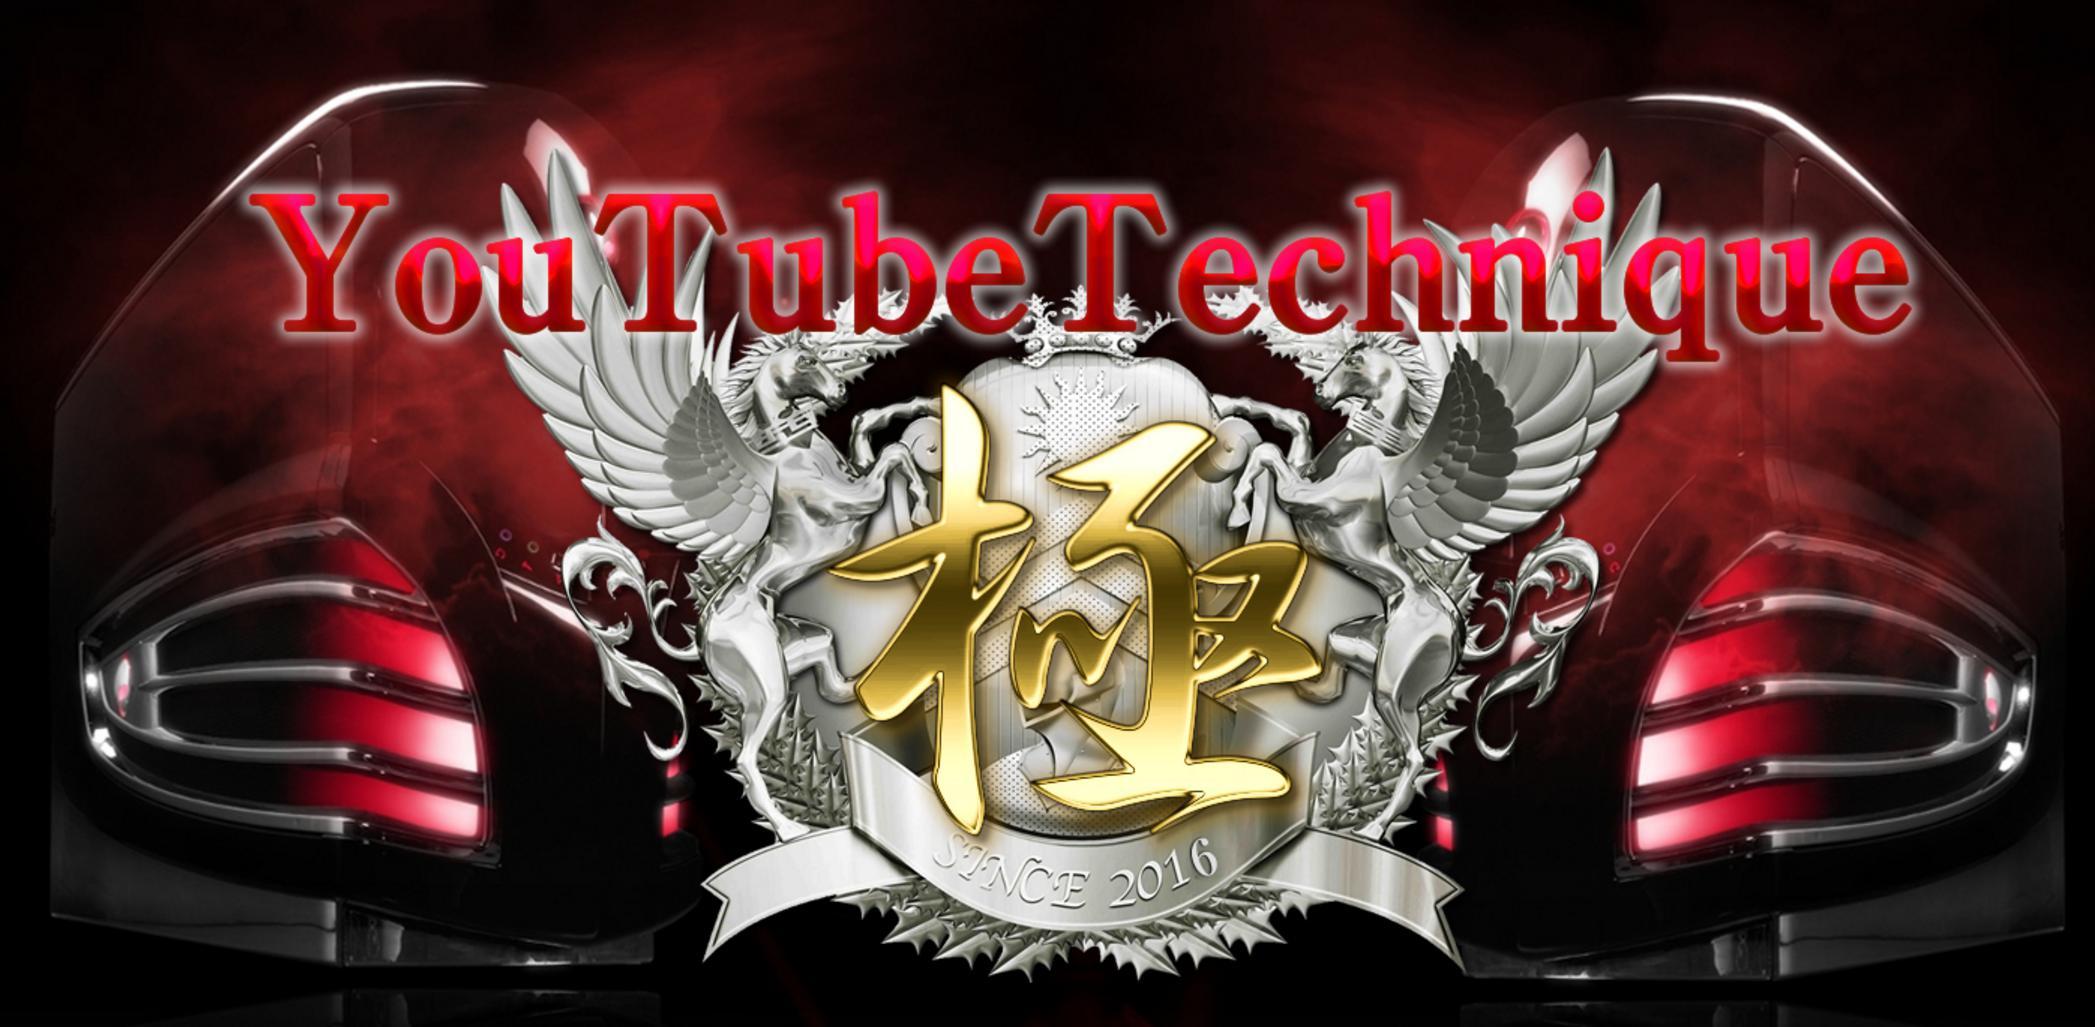 YouTubeテクニック集KIWAMI